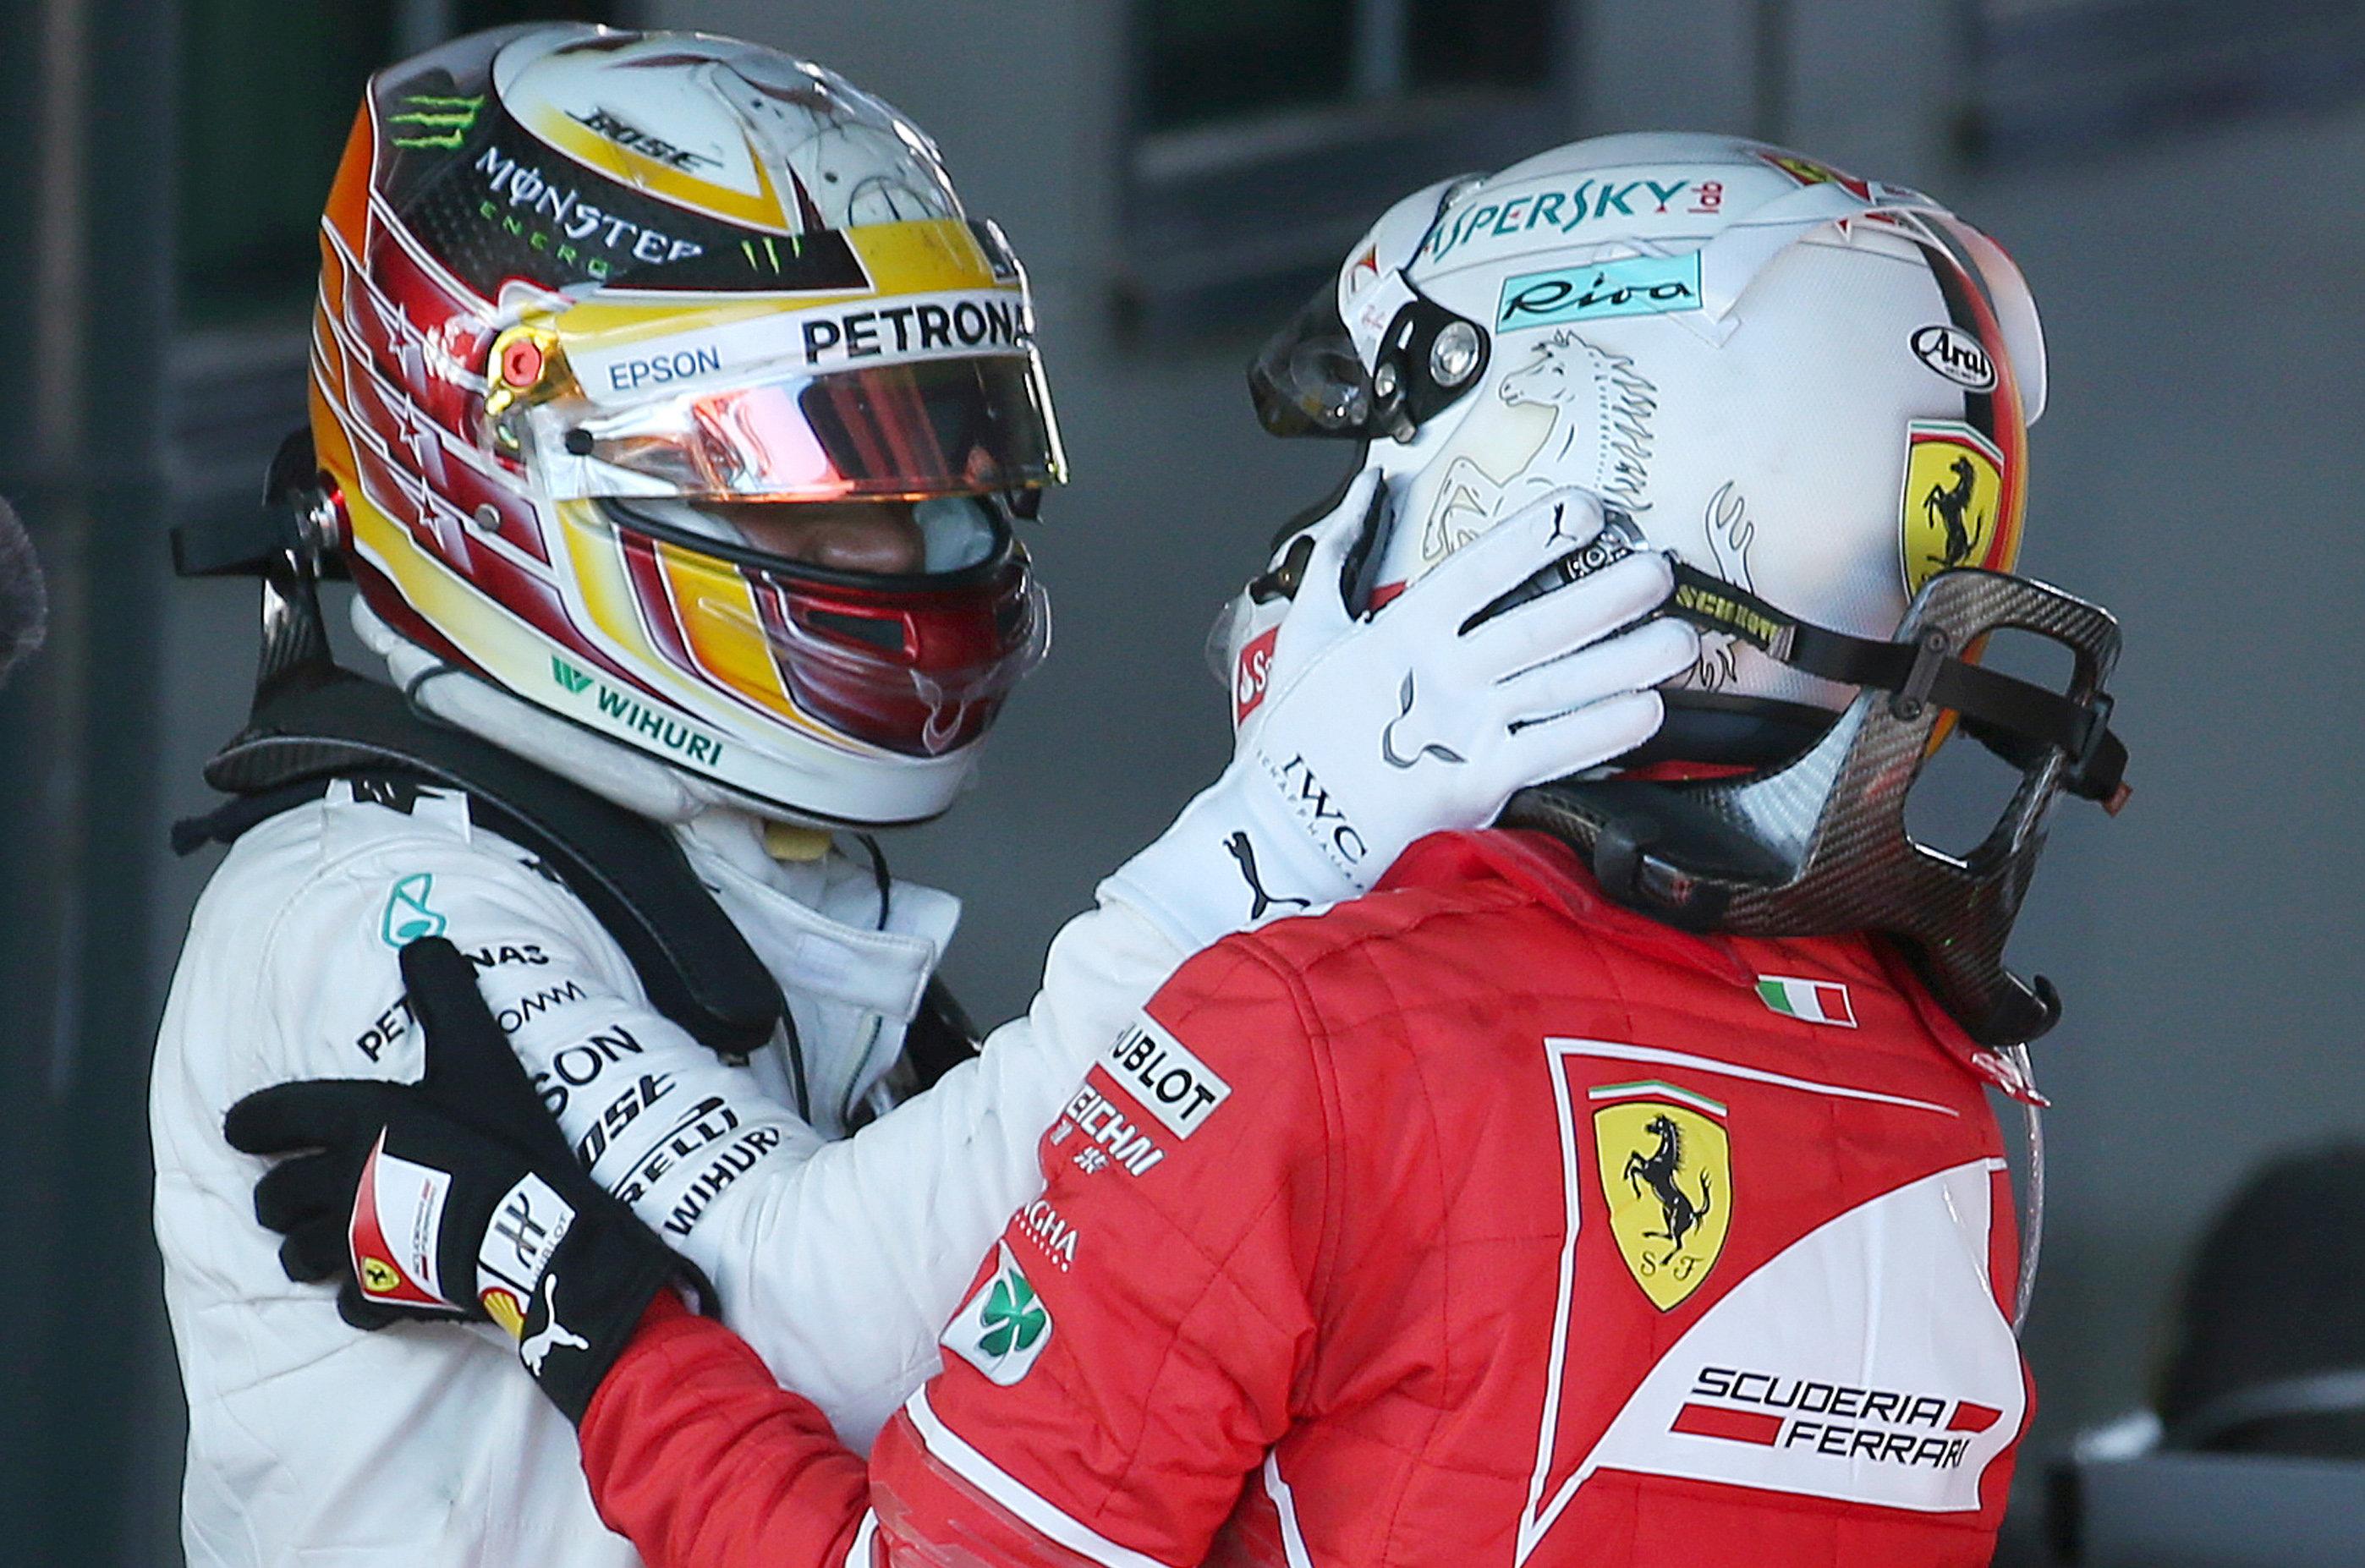 Großer Preis von China: Lewis Hamilton gewinnt vor Sebastian Vettel